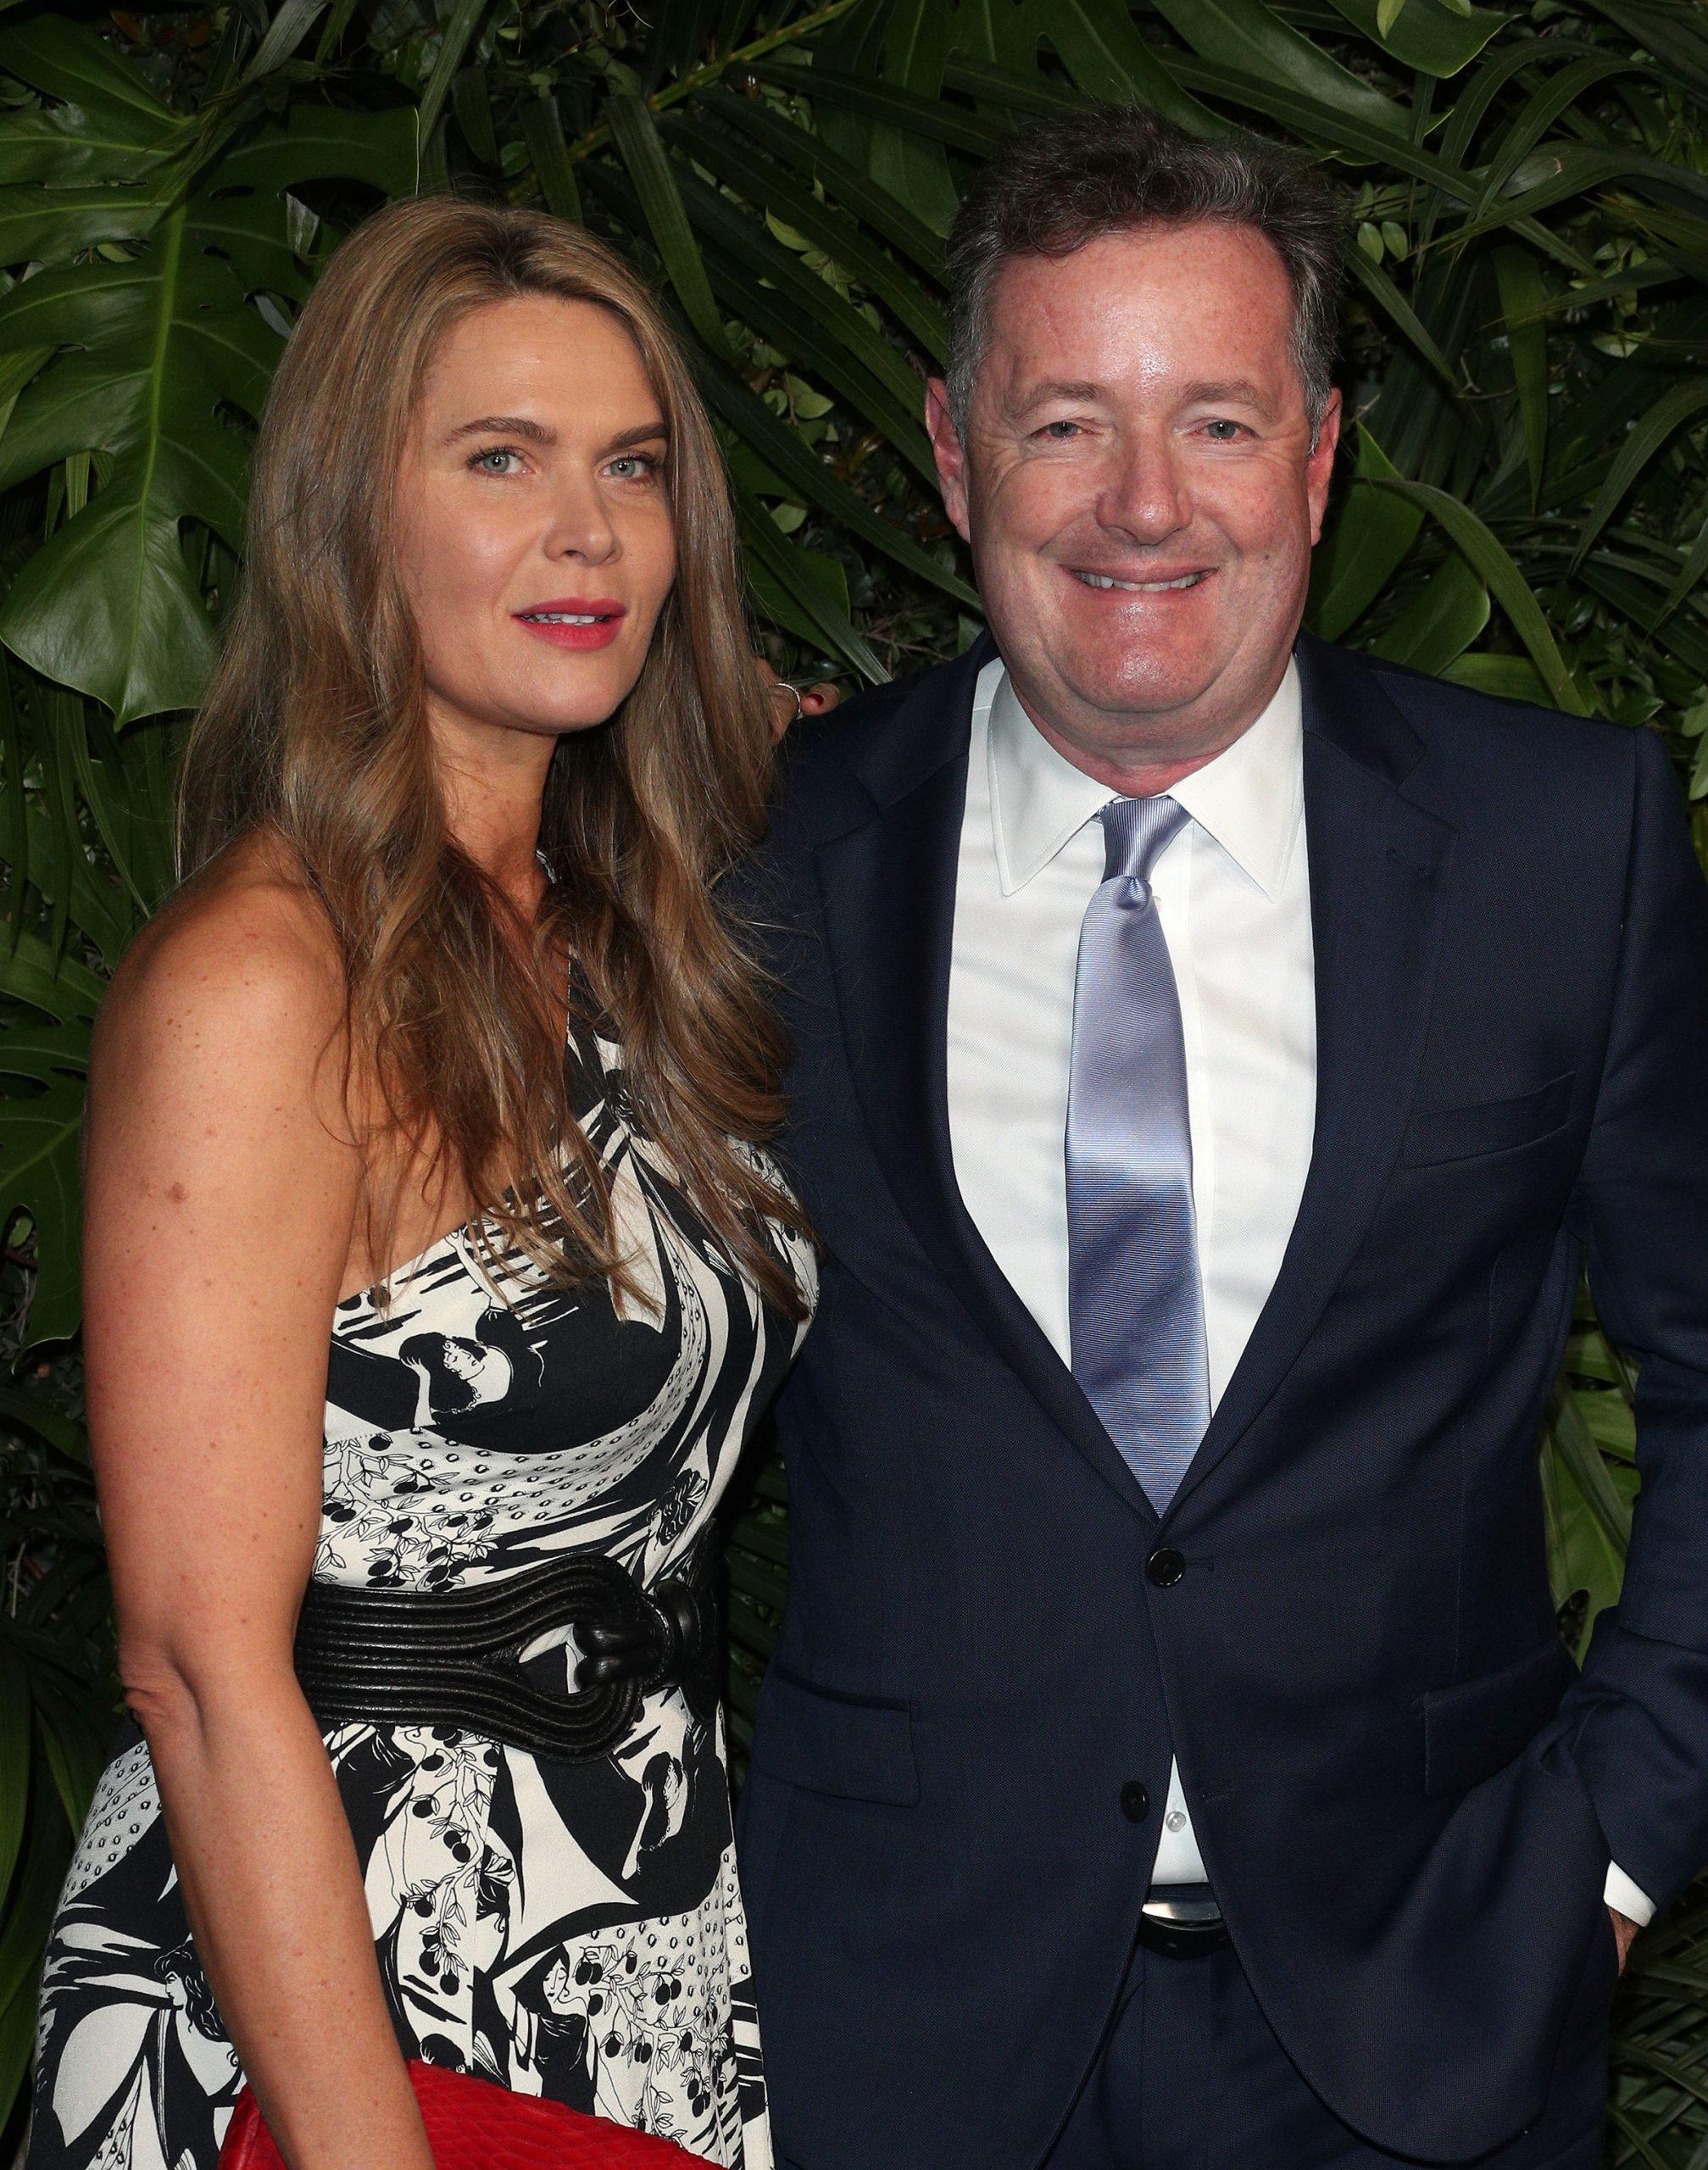 Piers Morgan and wife Celia Walden